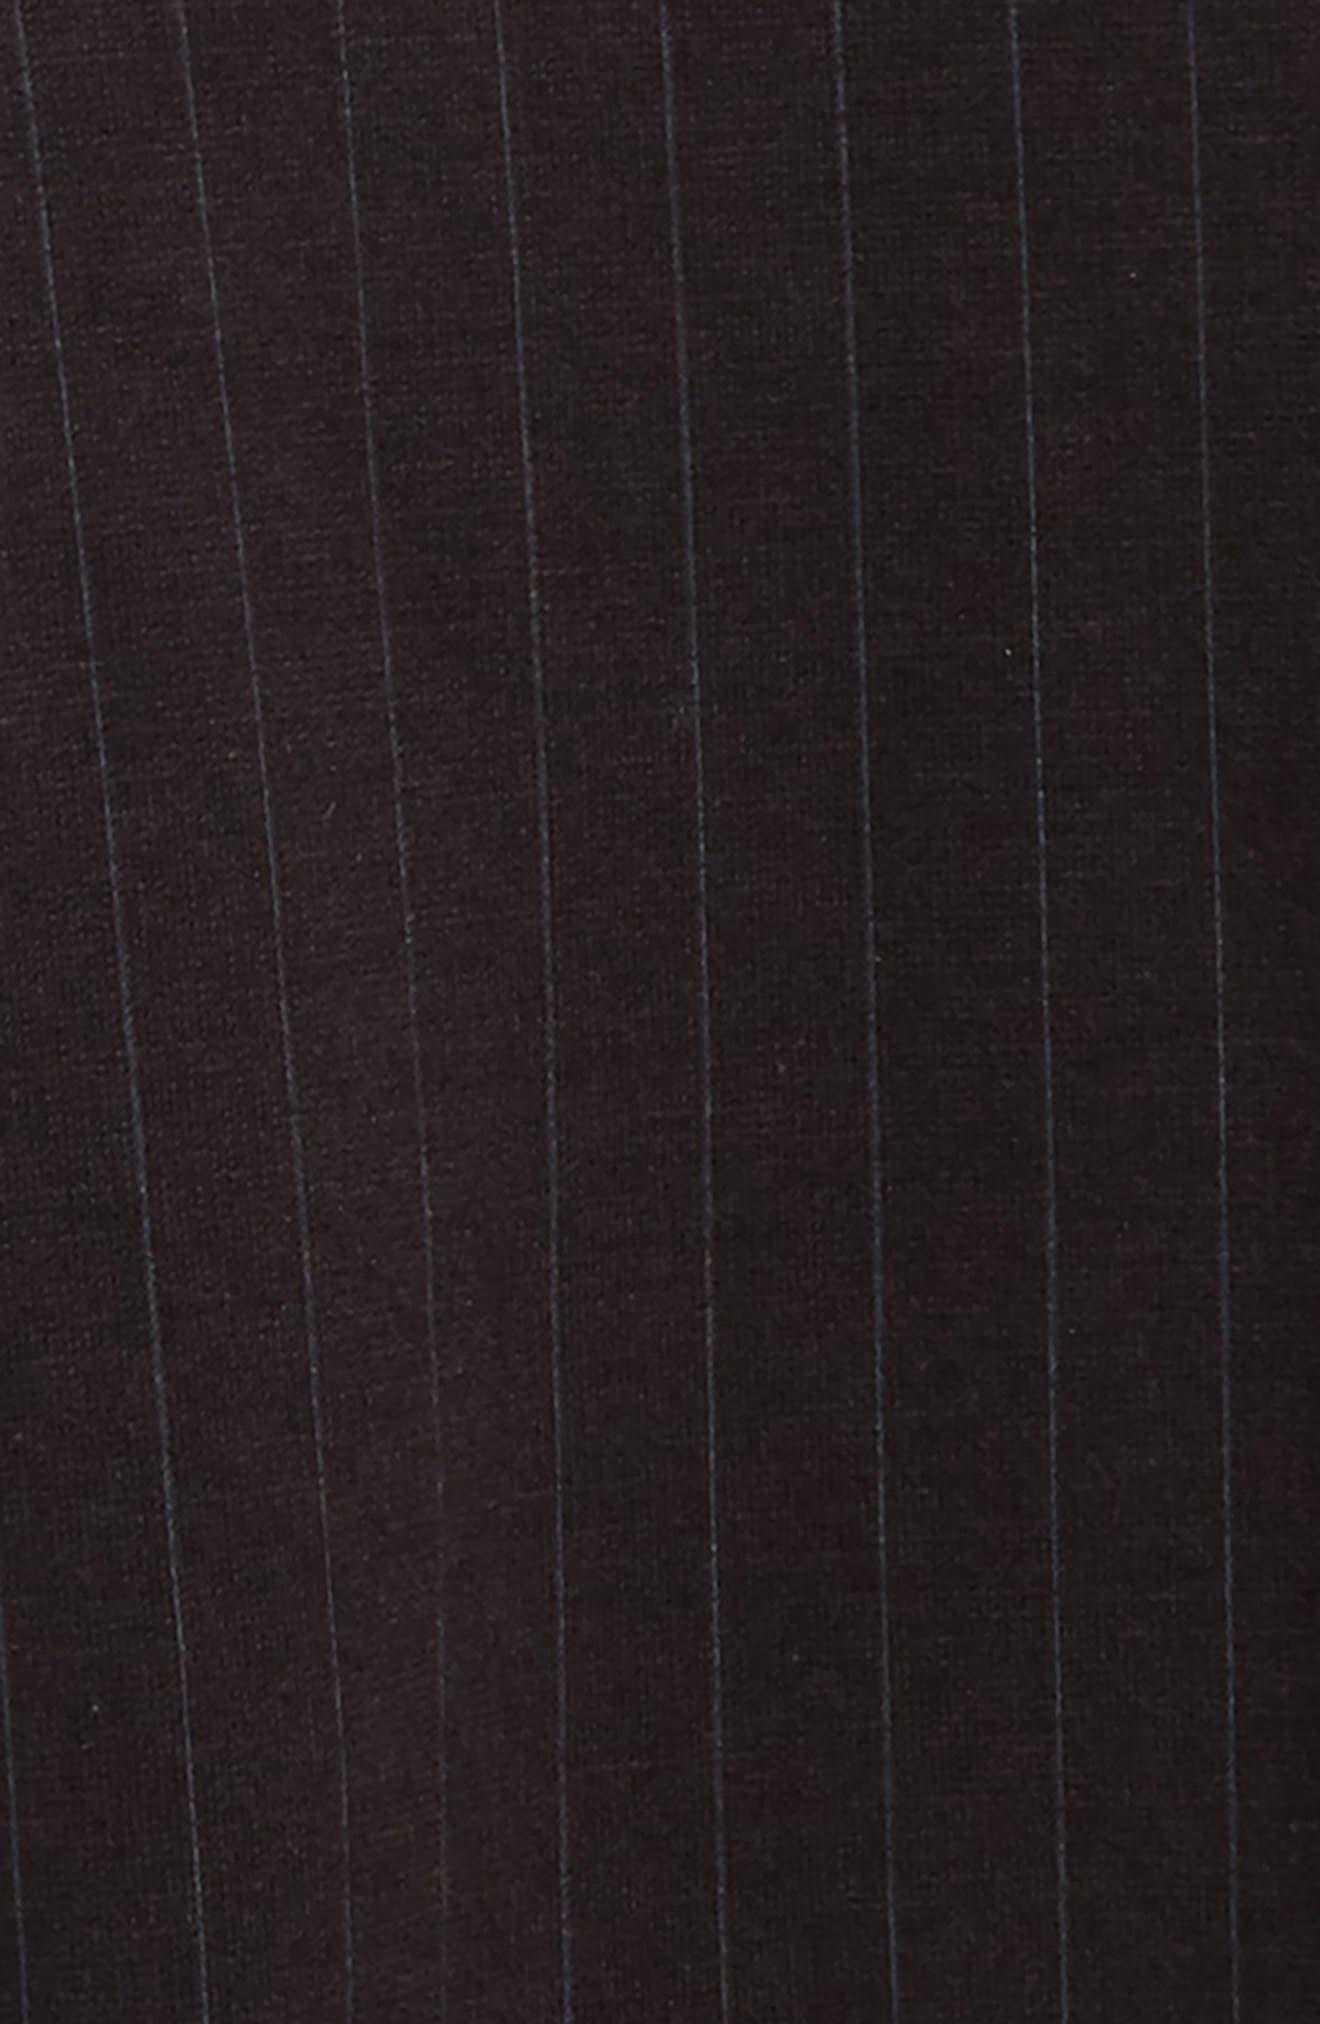 Pinstripe Jogger Pants,                             Alternate thumbnail 2, color,                             Black